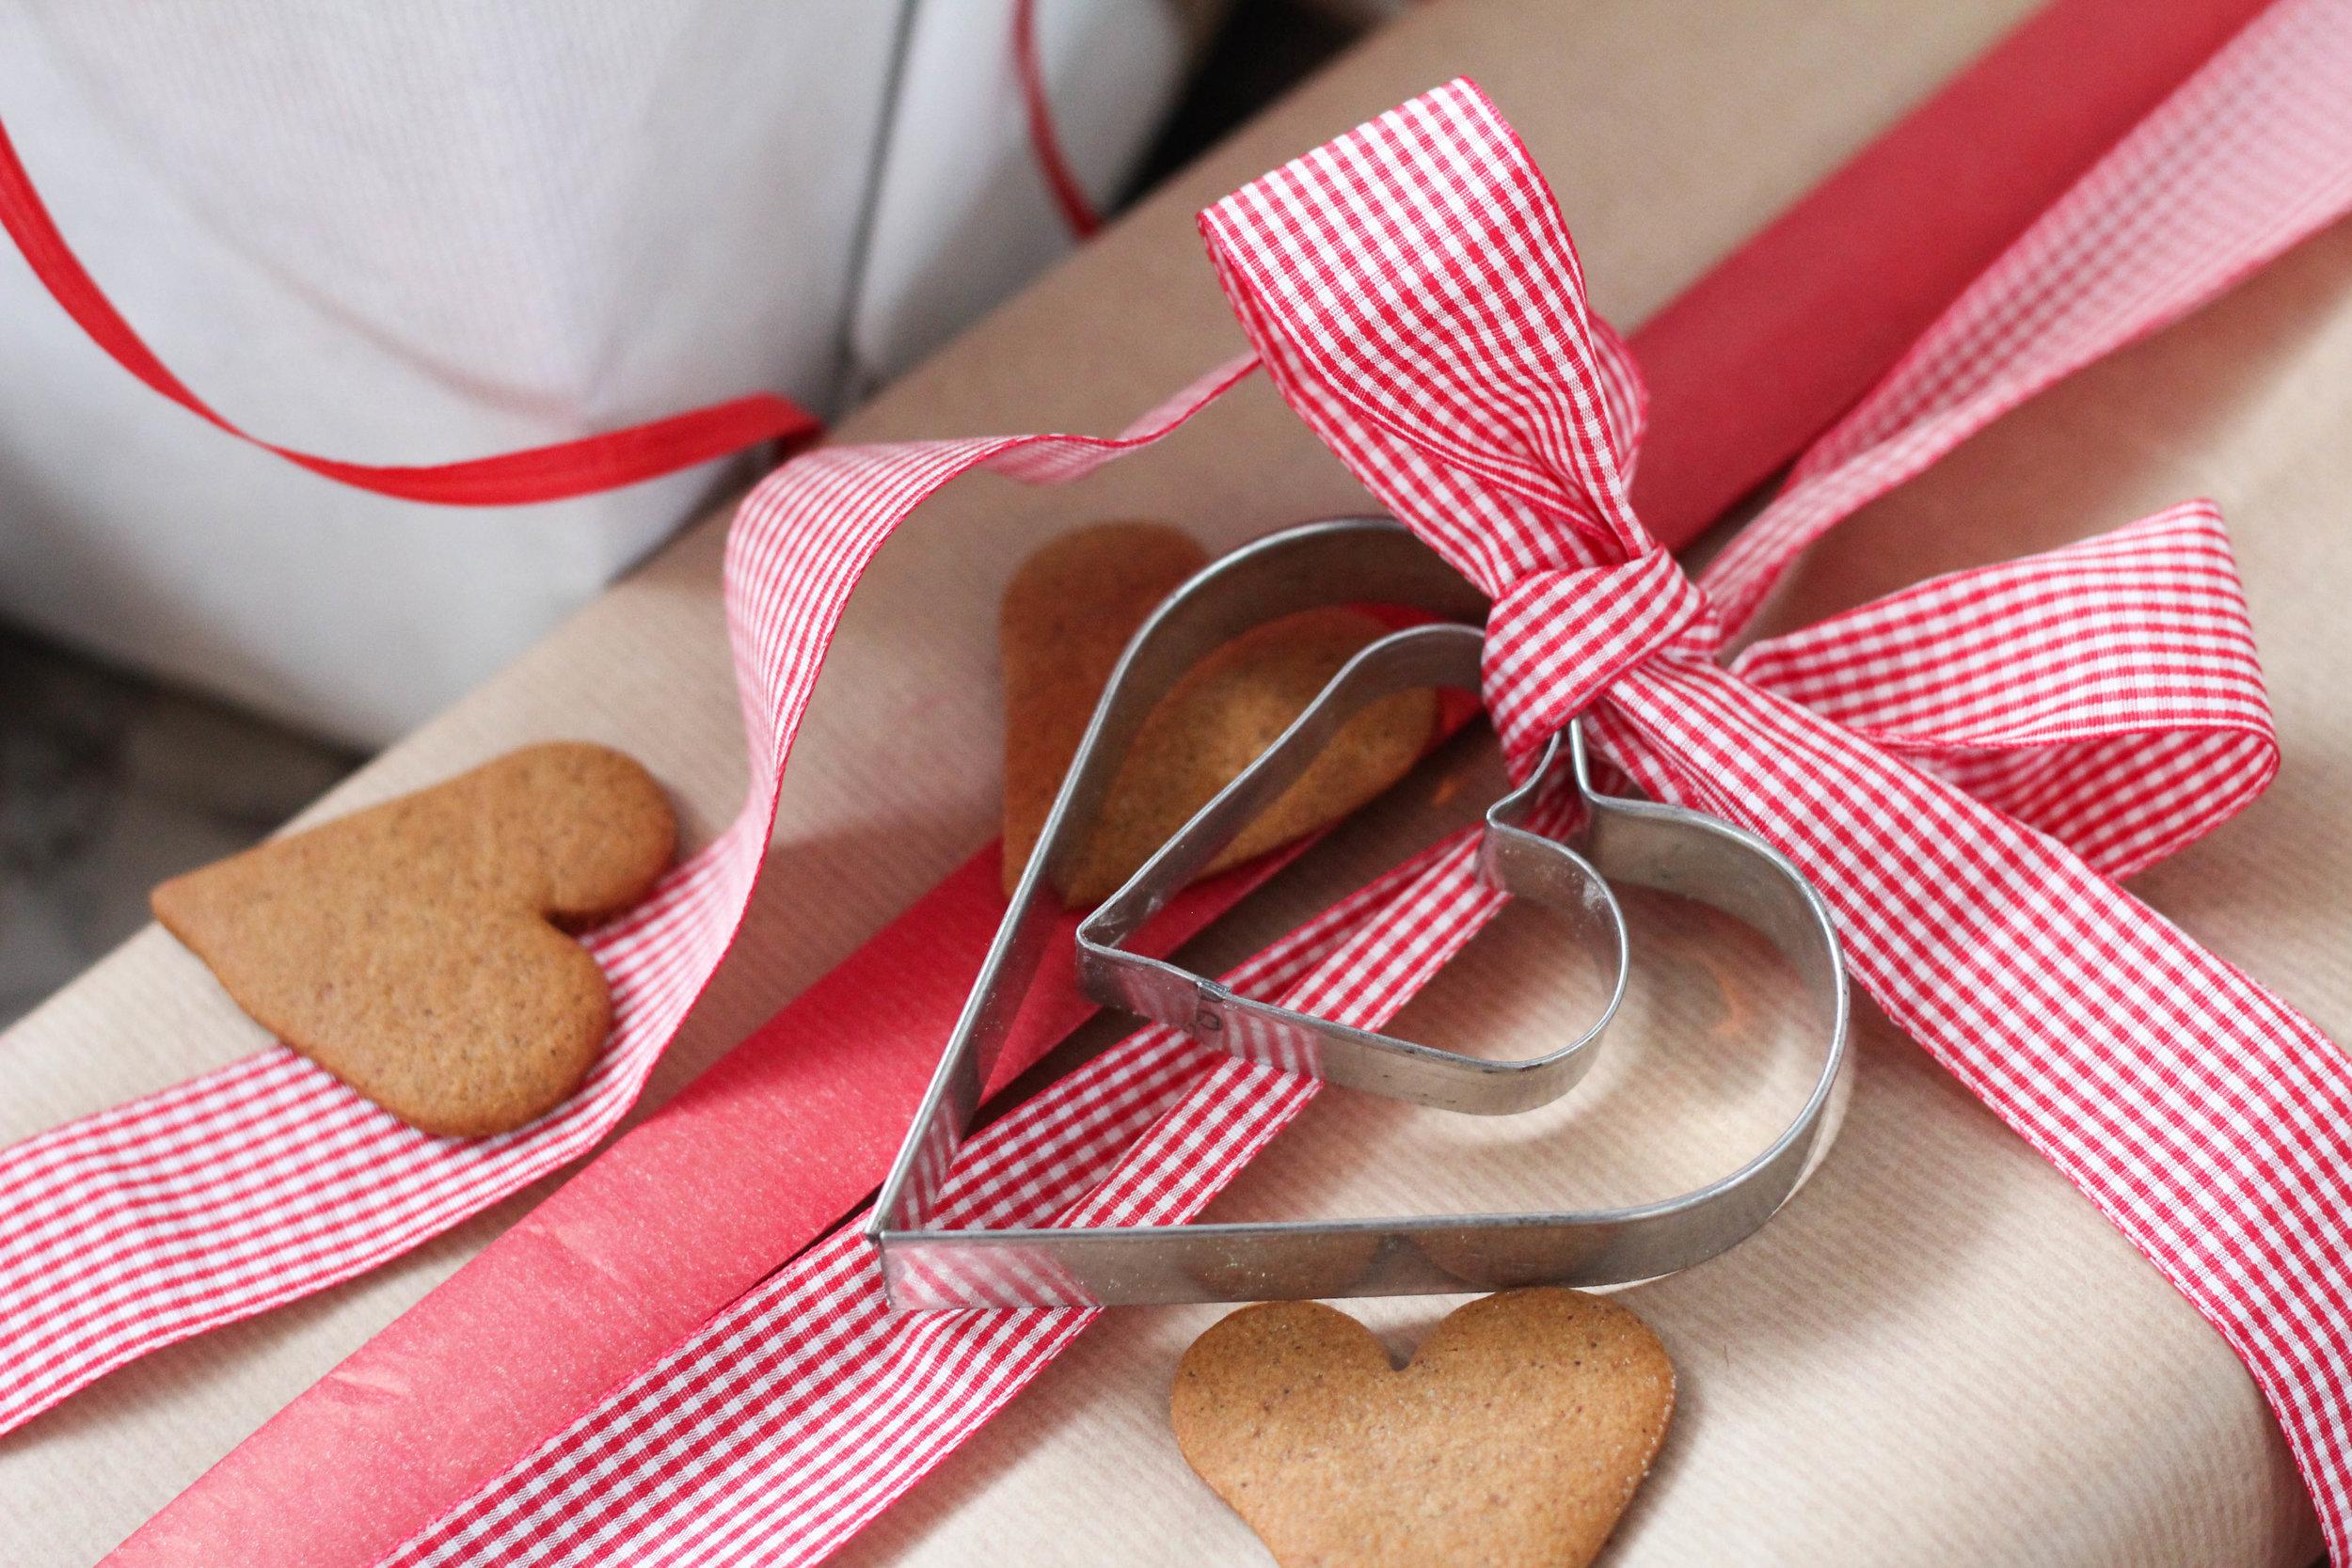 paket-hjärta.jpg